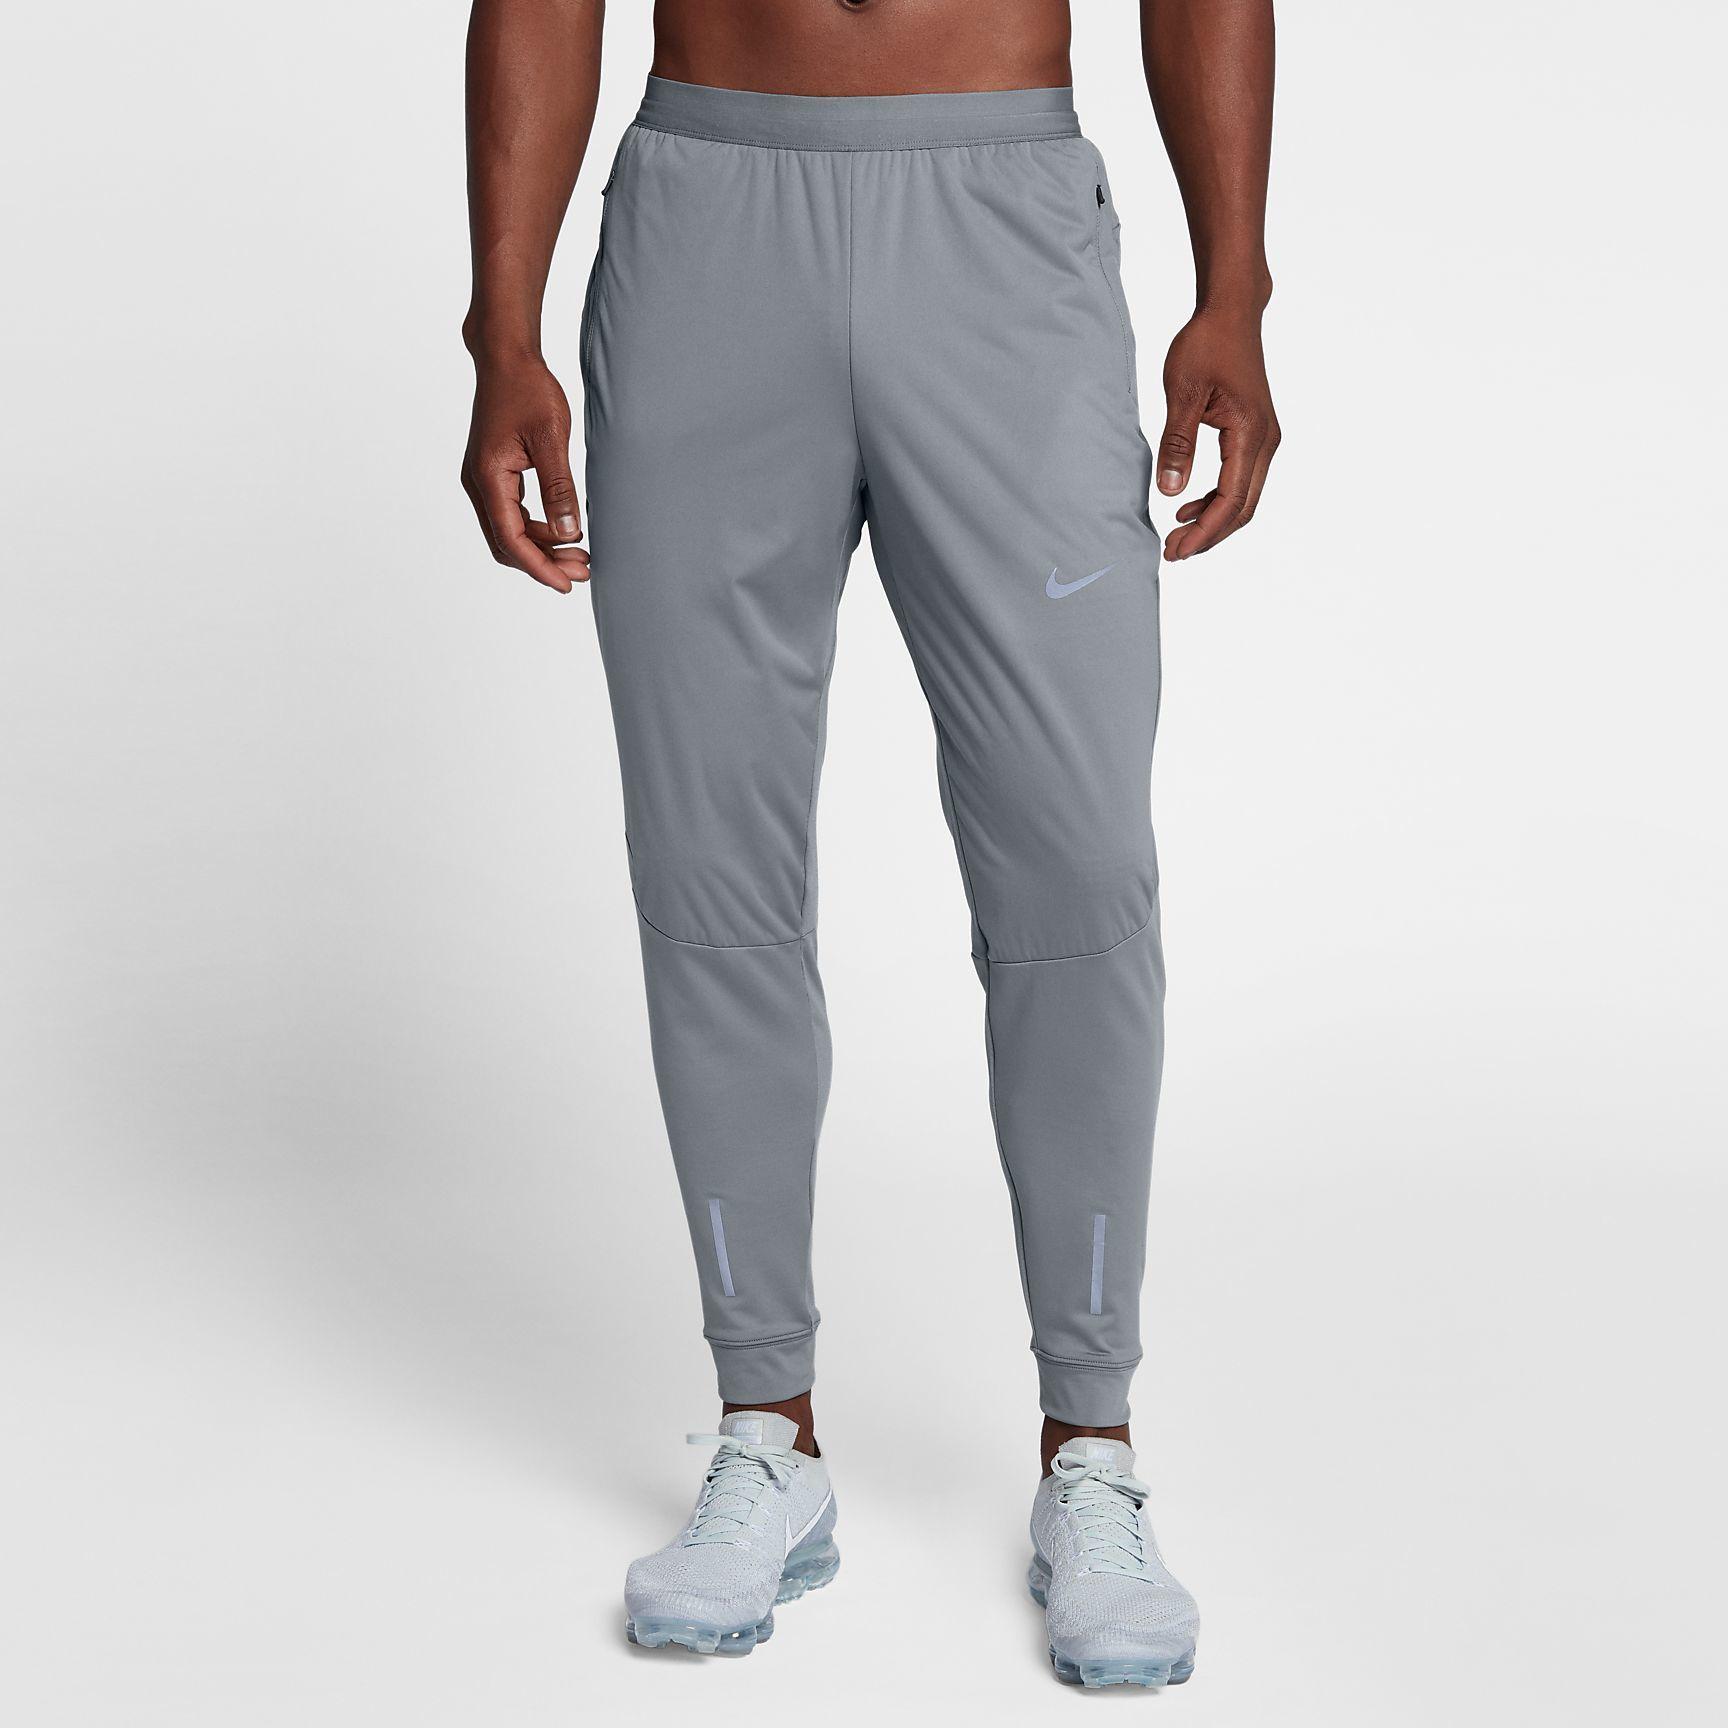 Nike Shield Phenom Pant in Grau